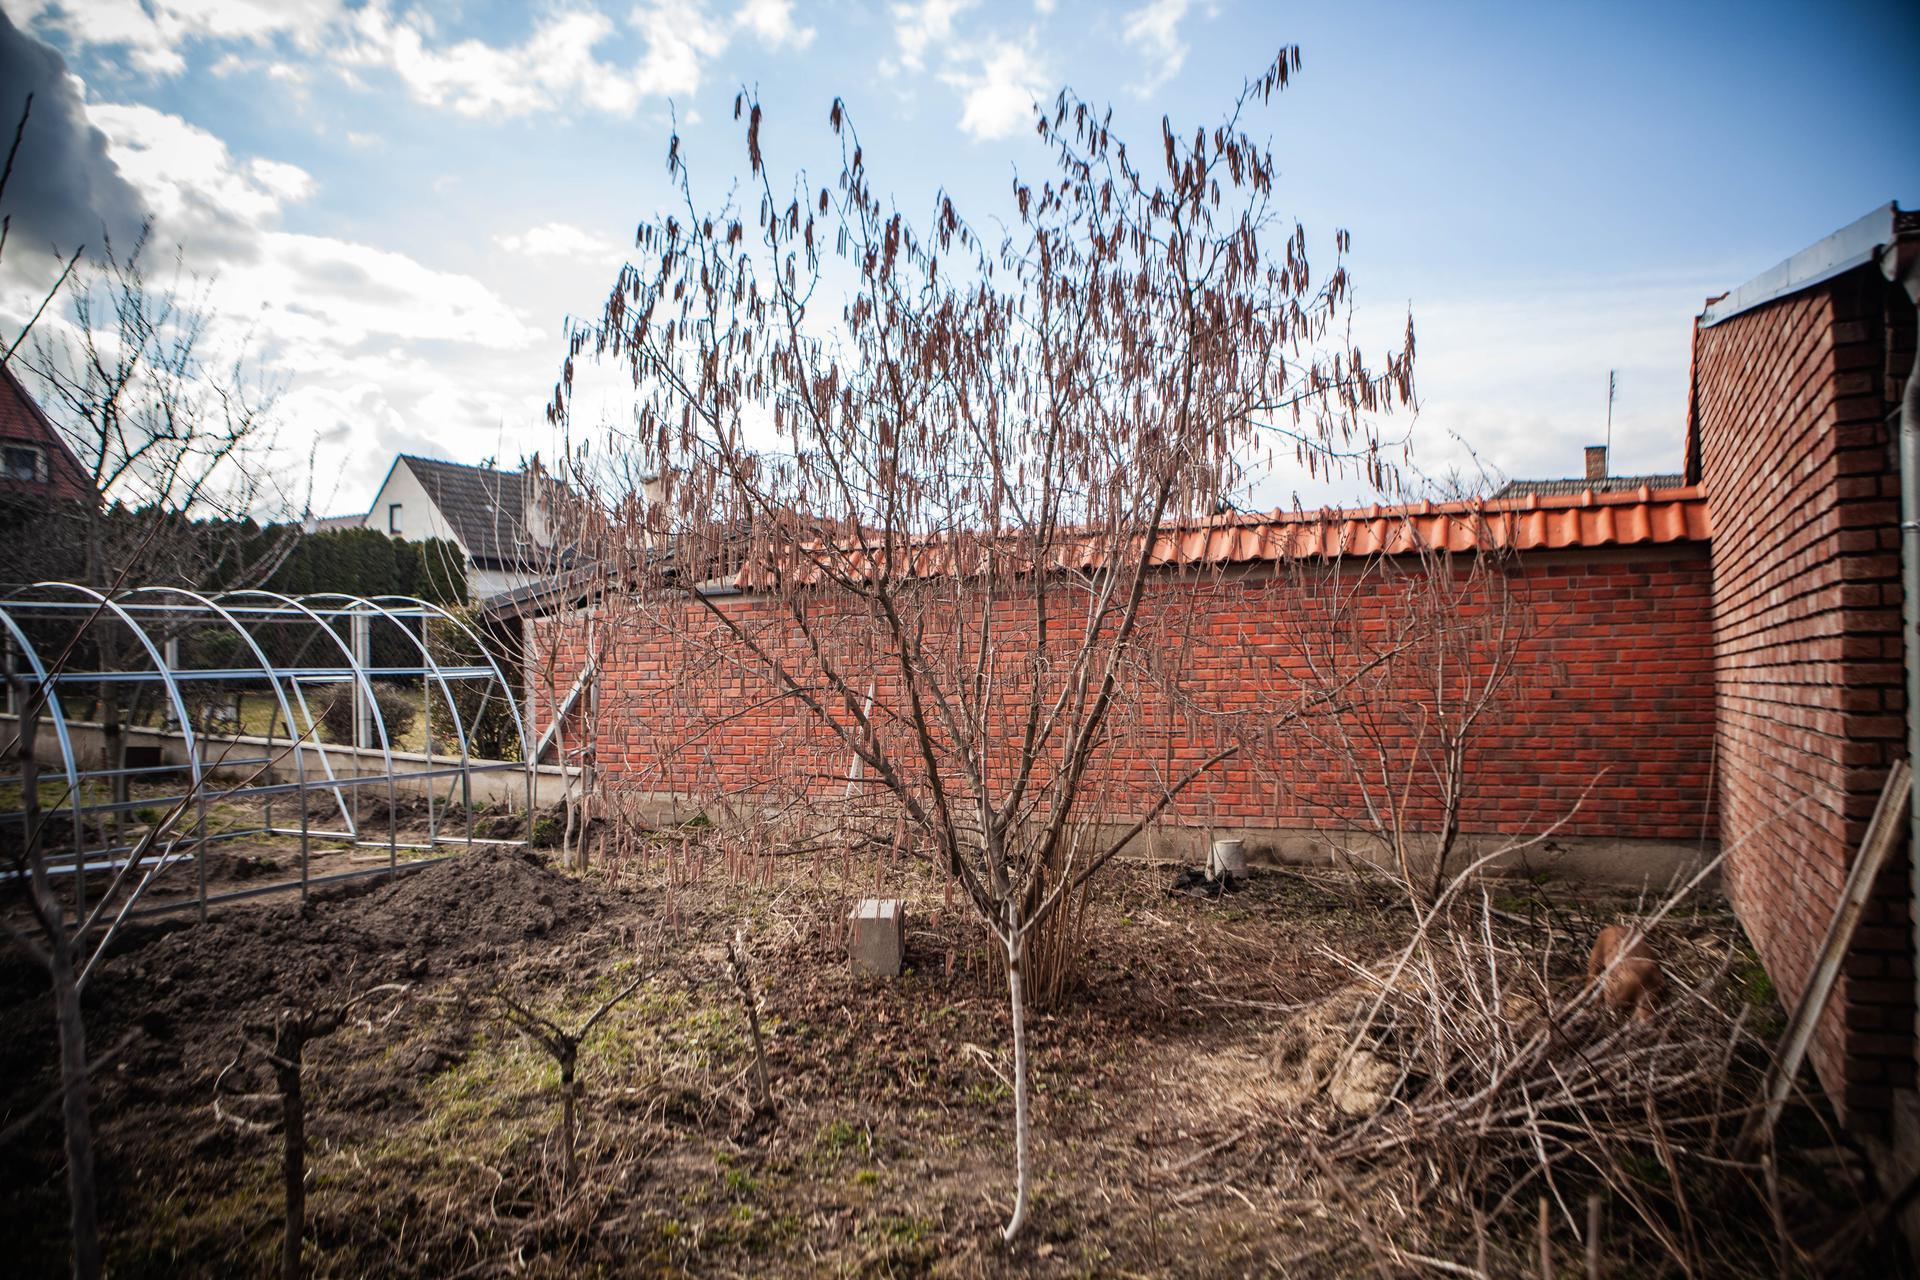 U nas v zahrade v roku 2021 - divoky kut. v lete to tam zije jastericami, jezkami a pod.